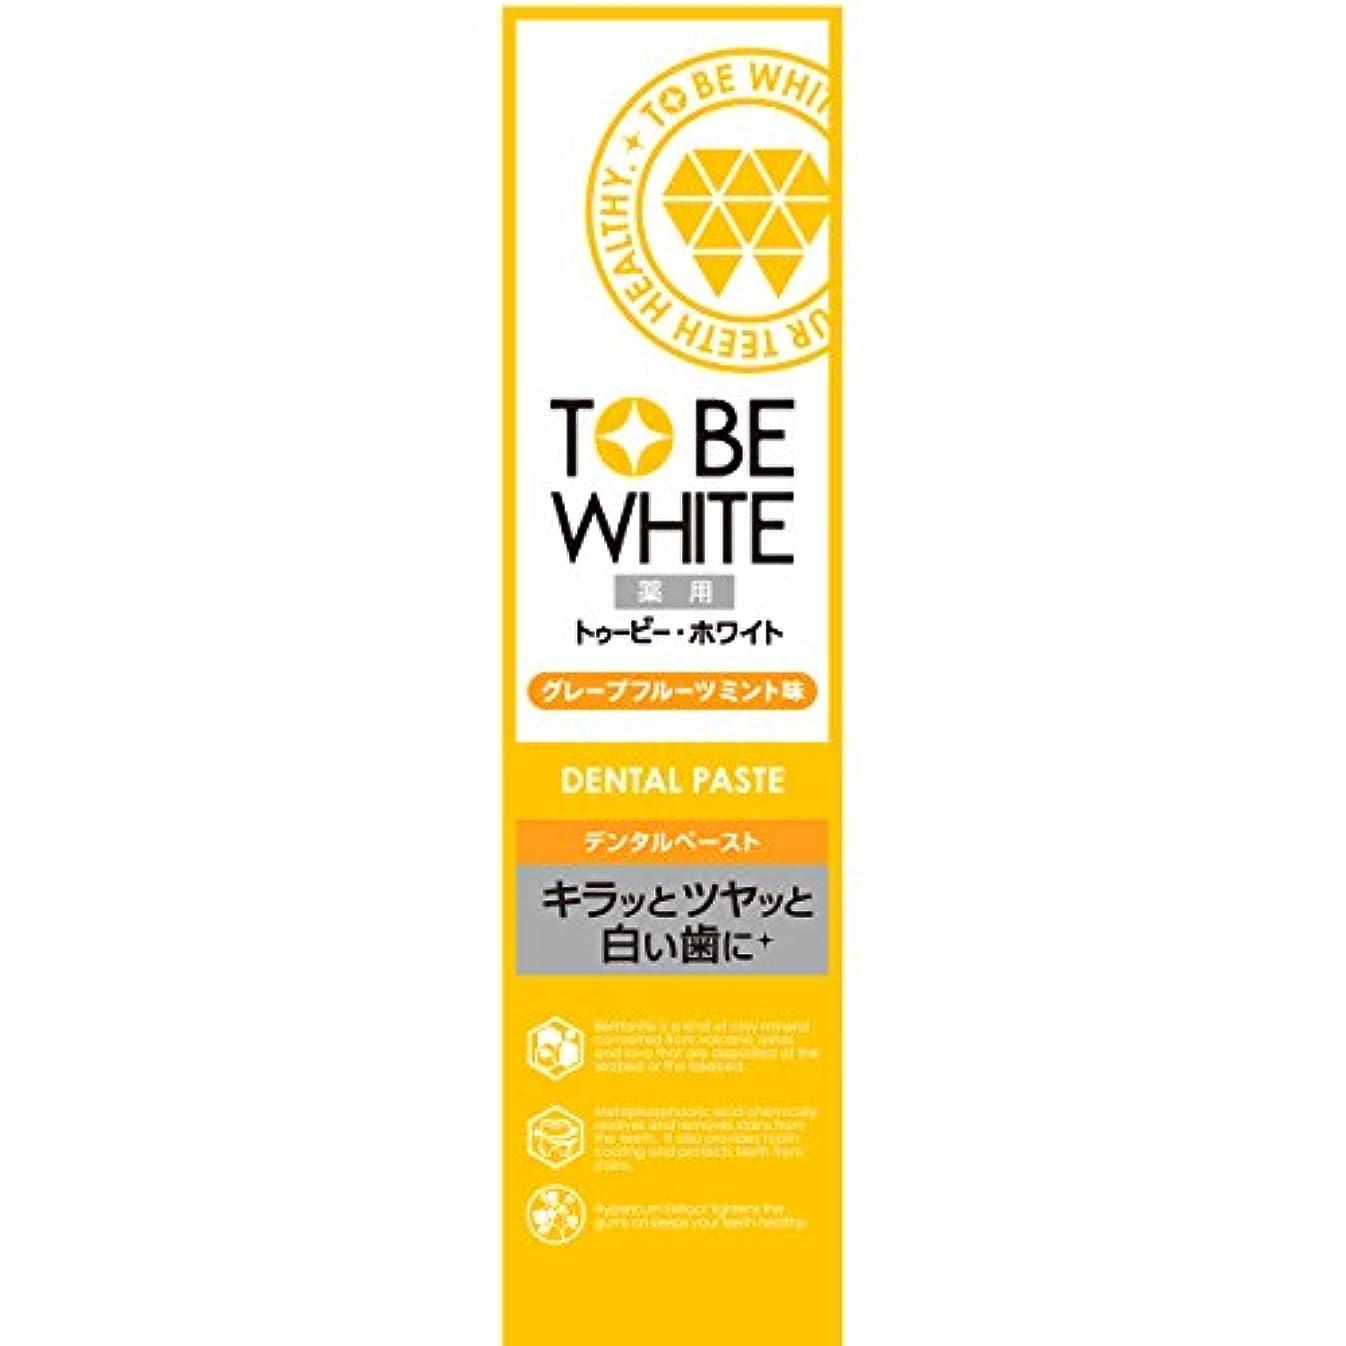 トロリー緩むブロートゥービー?ホワイト 薬用 ホワイトニング ハミガキ粉 グレープフルーツミント 味 60g 【医薬部外品】